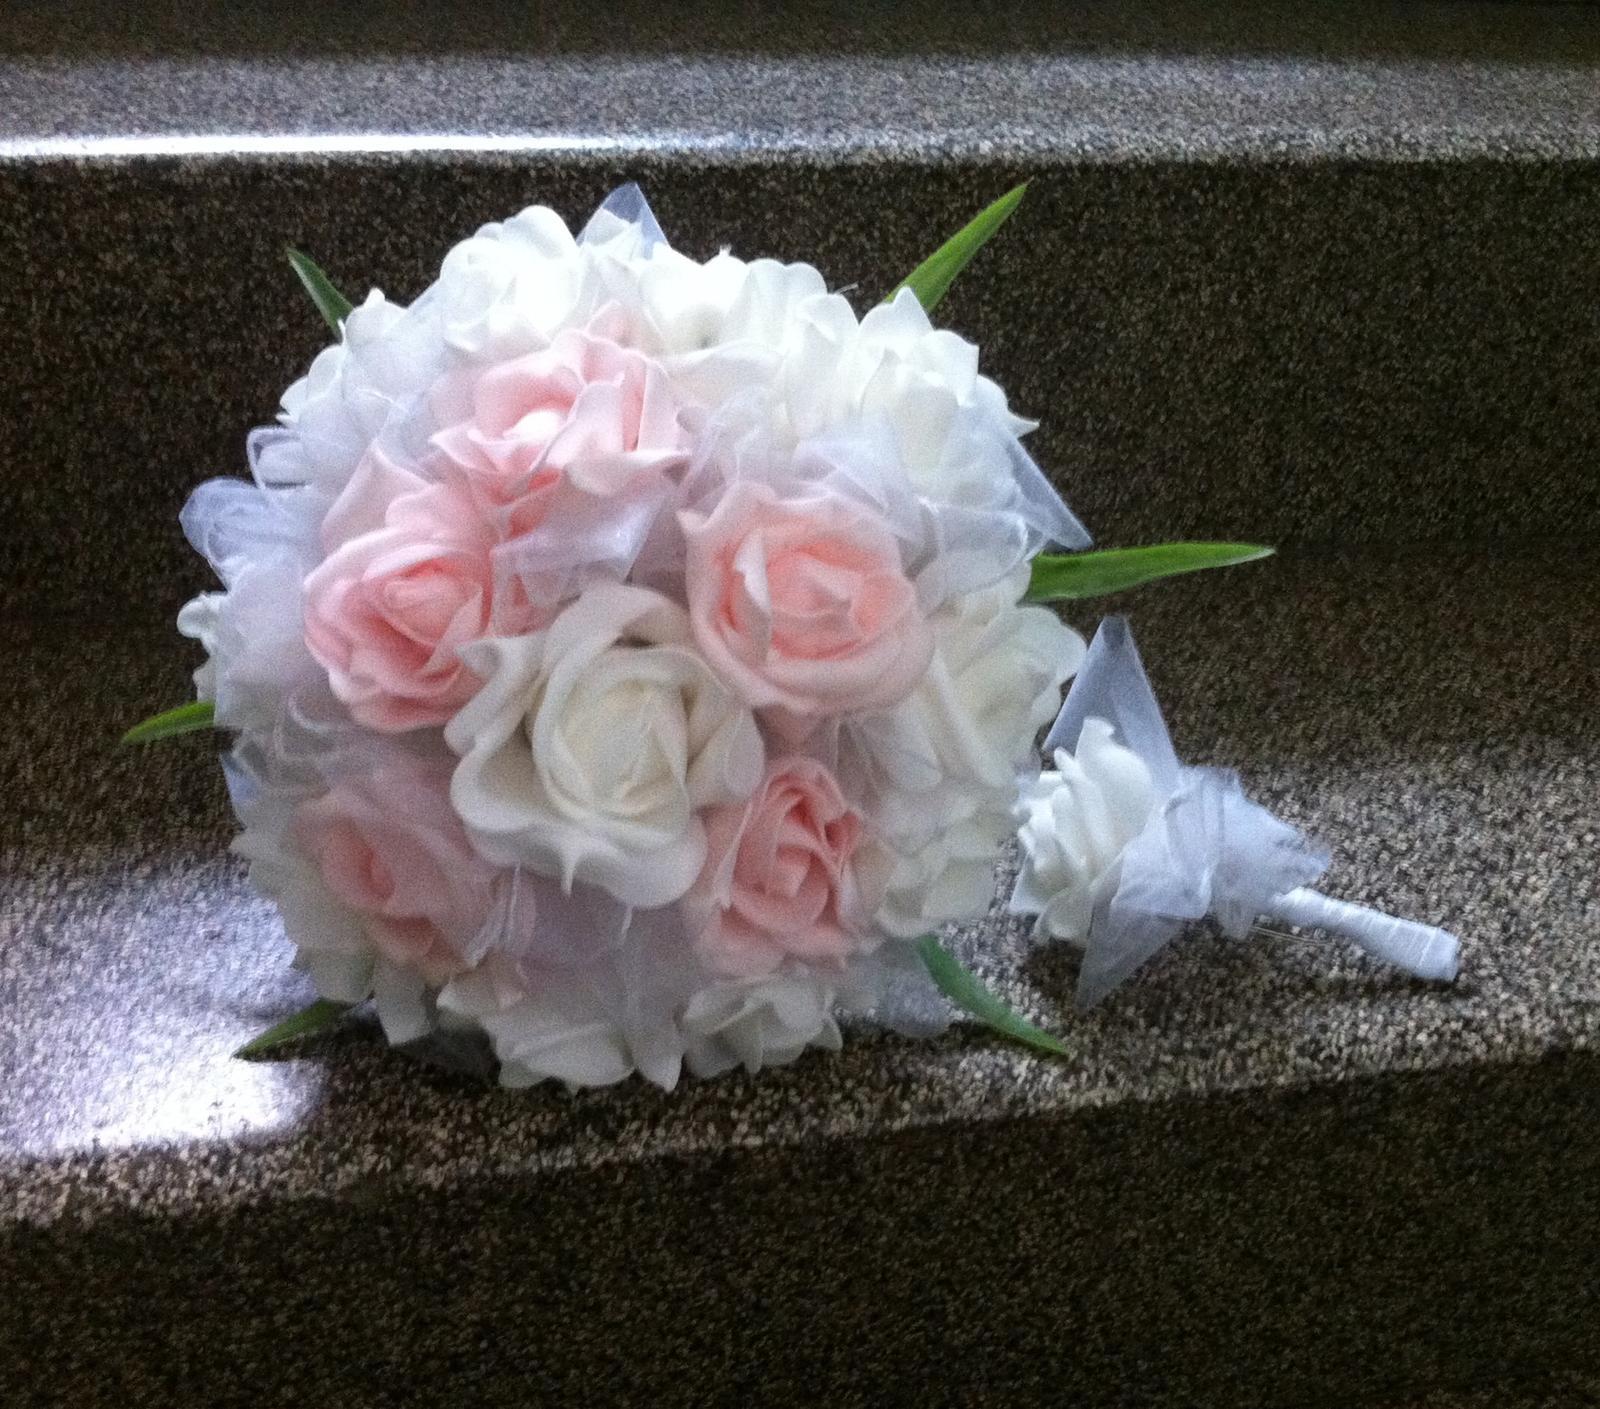 Netradiční svatební kytice - pěnové růžičky + polštářky pod prstýnky, košíčky - Obrázek č. 101